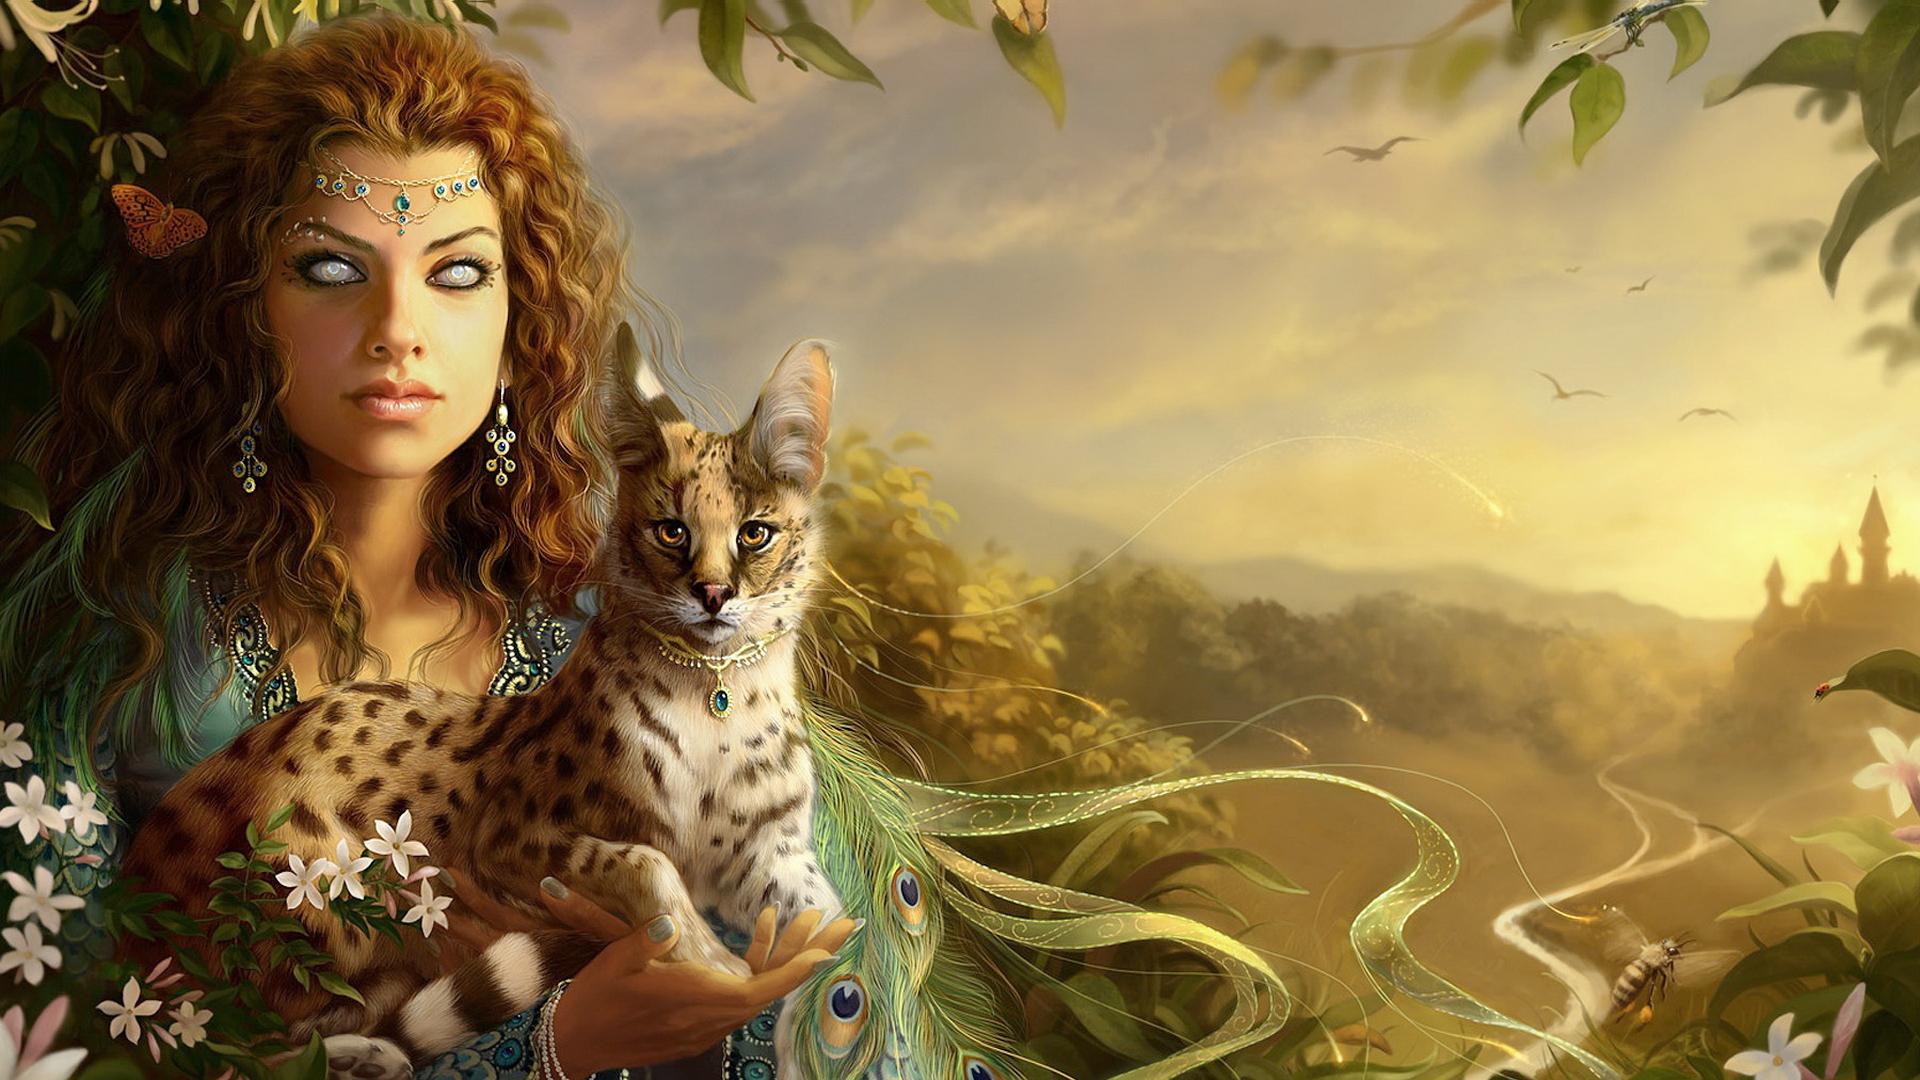 картинки эльфы и животные тренд естественность касается